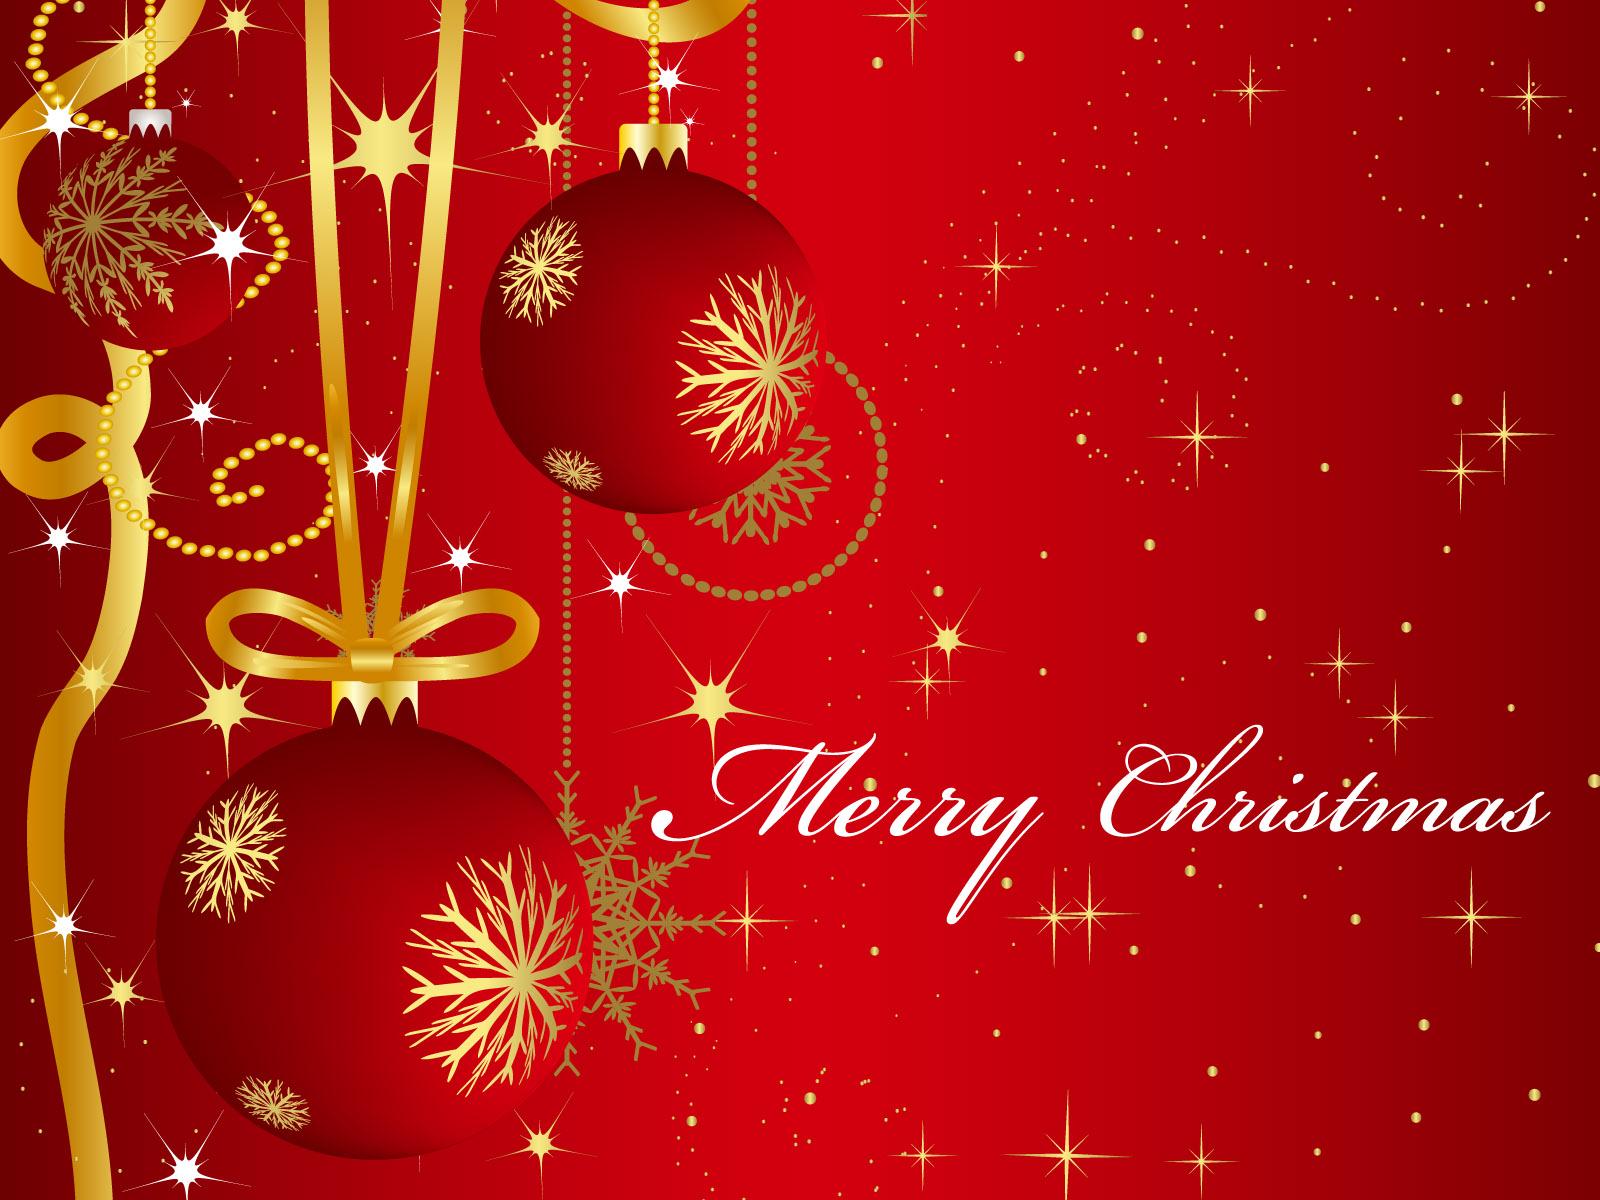 Hintergrundbilder weihnachten winter HD Hintergrundbilder - Hintergrundbilder Weihnachten Hd